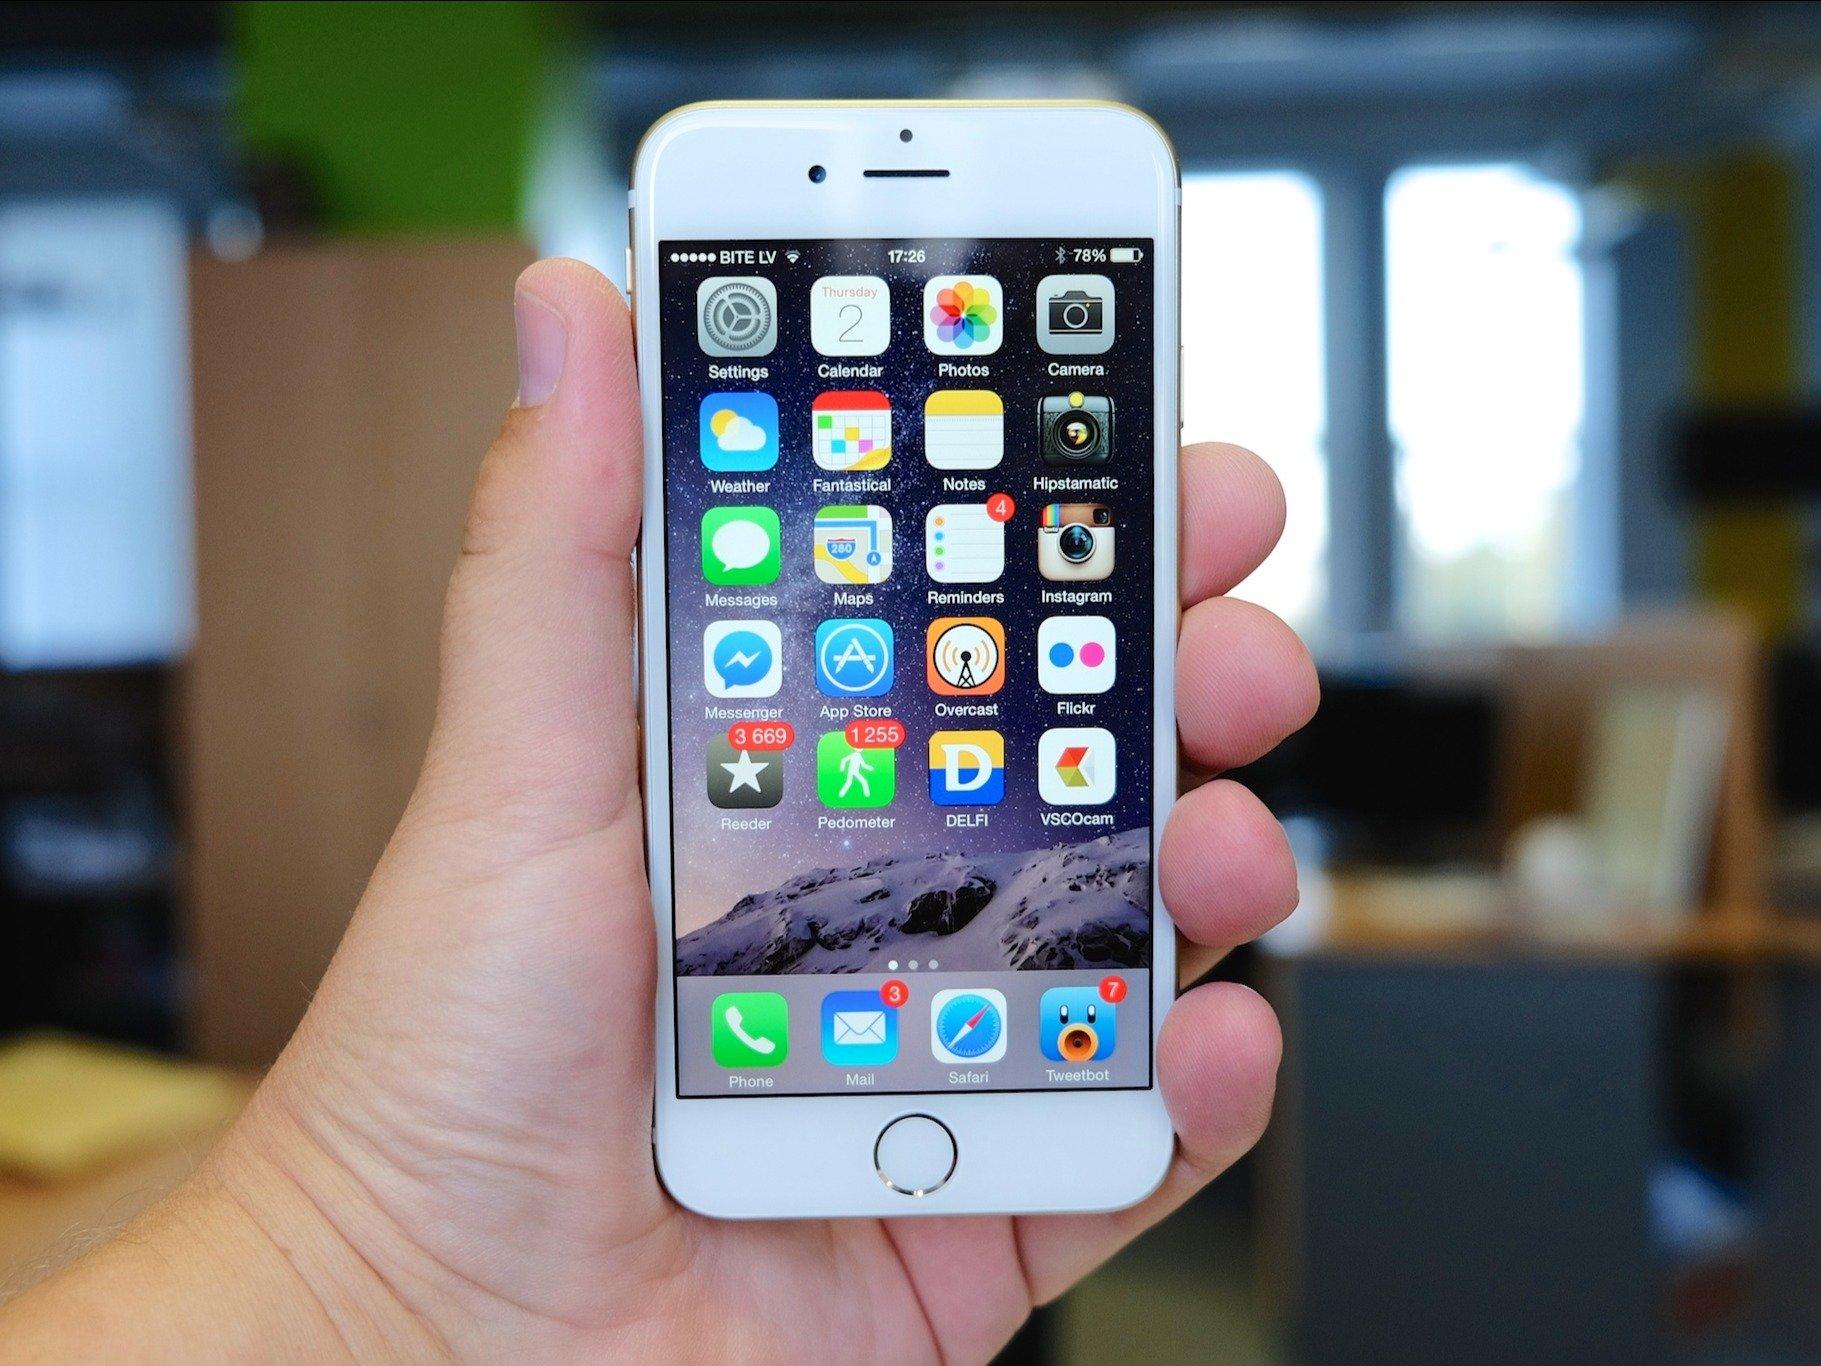 بنا به گزارشات آیفون 6s اپل، روز 9 ام سپتامبر می آید